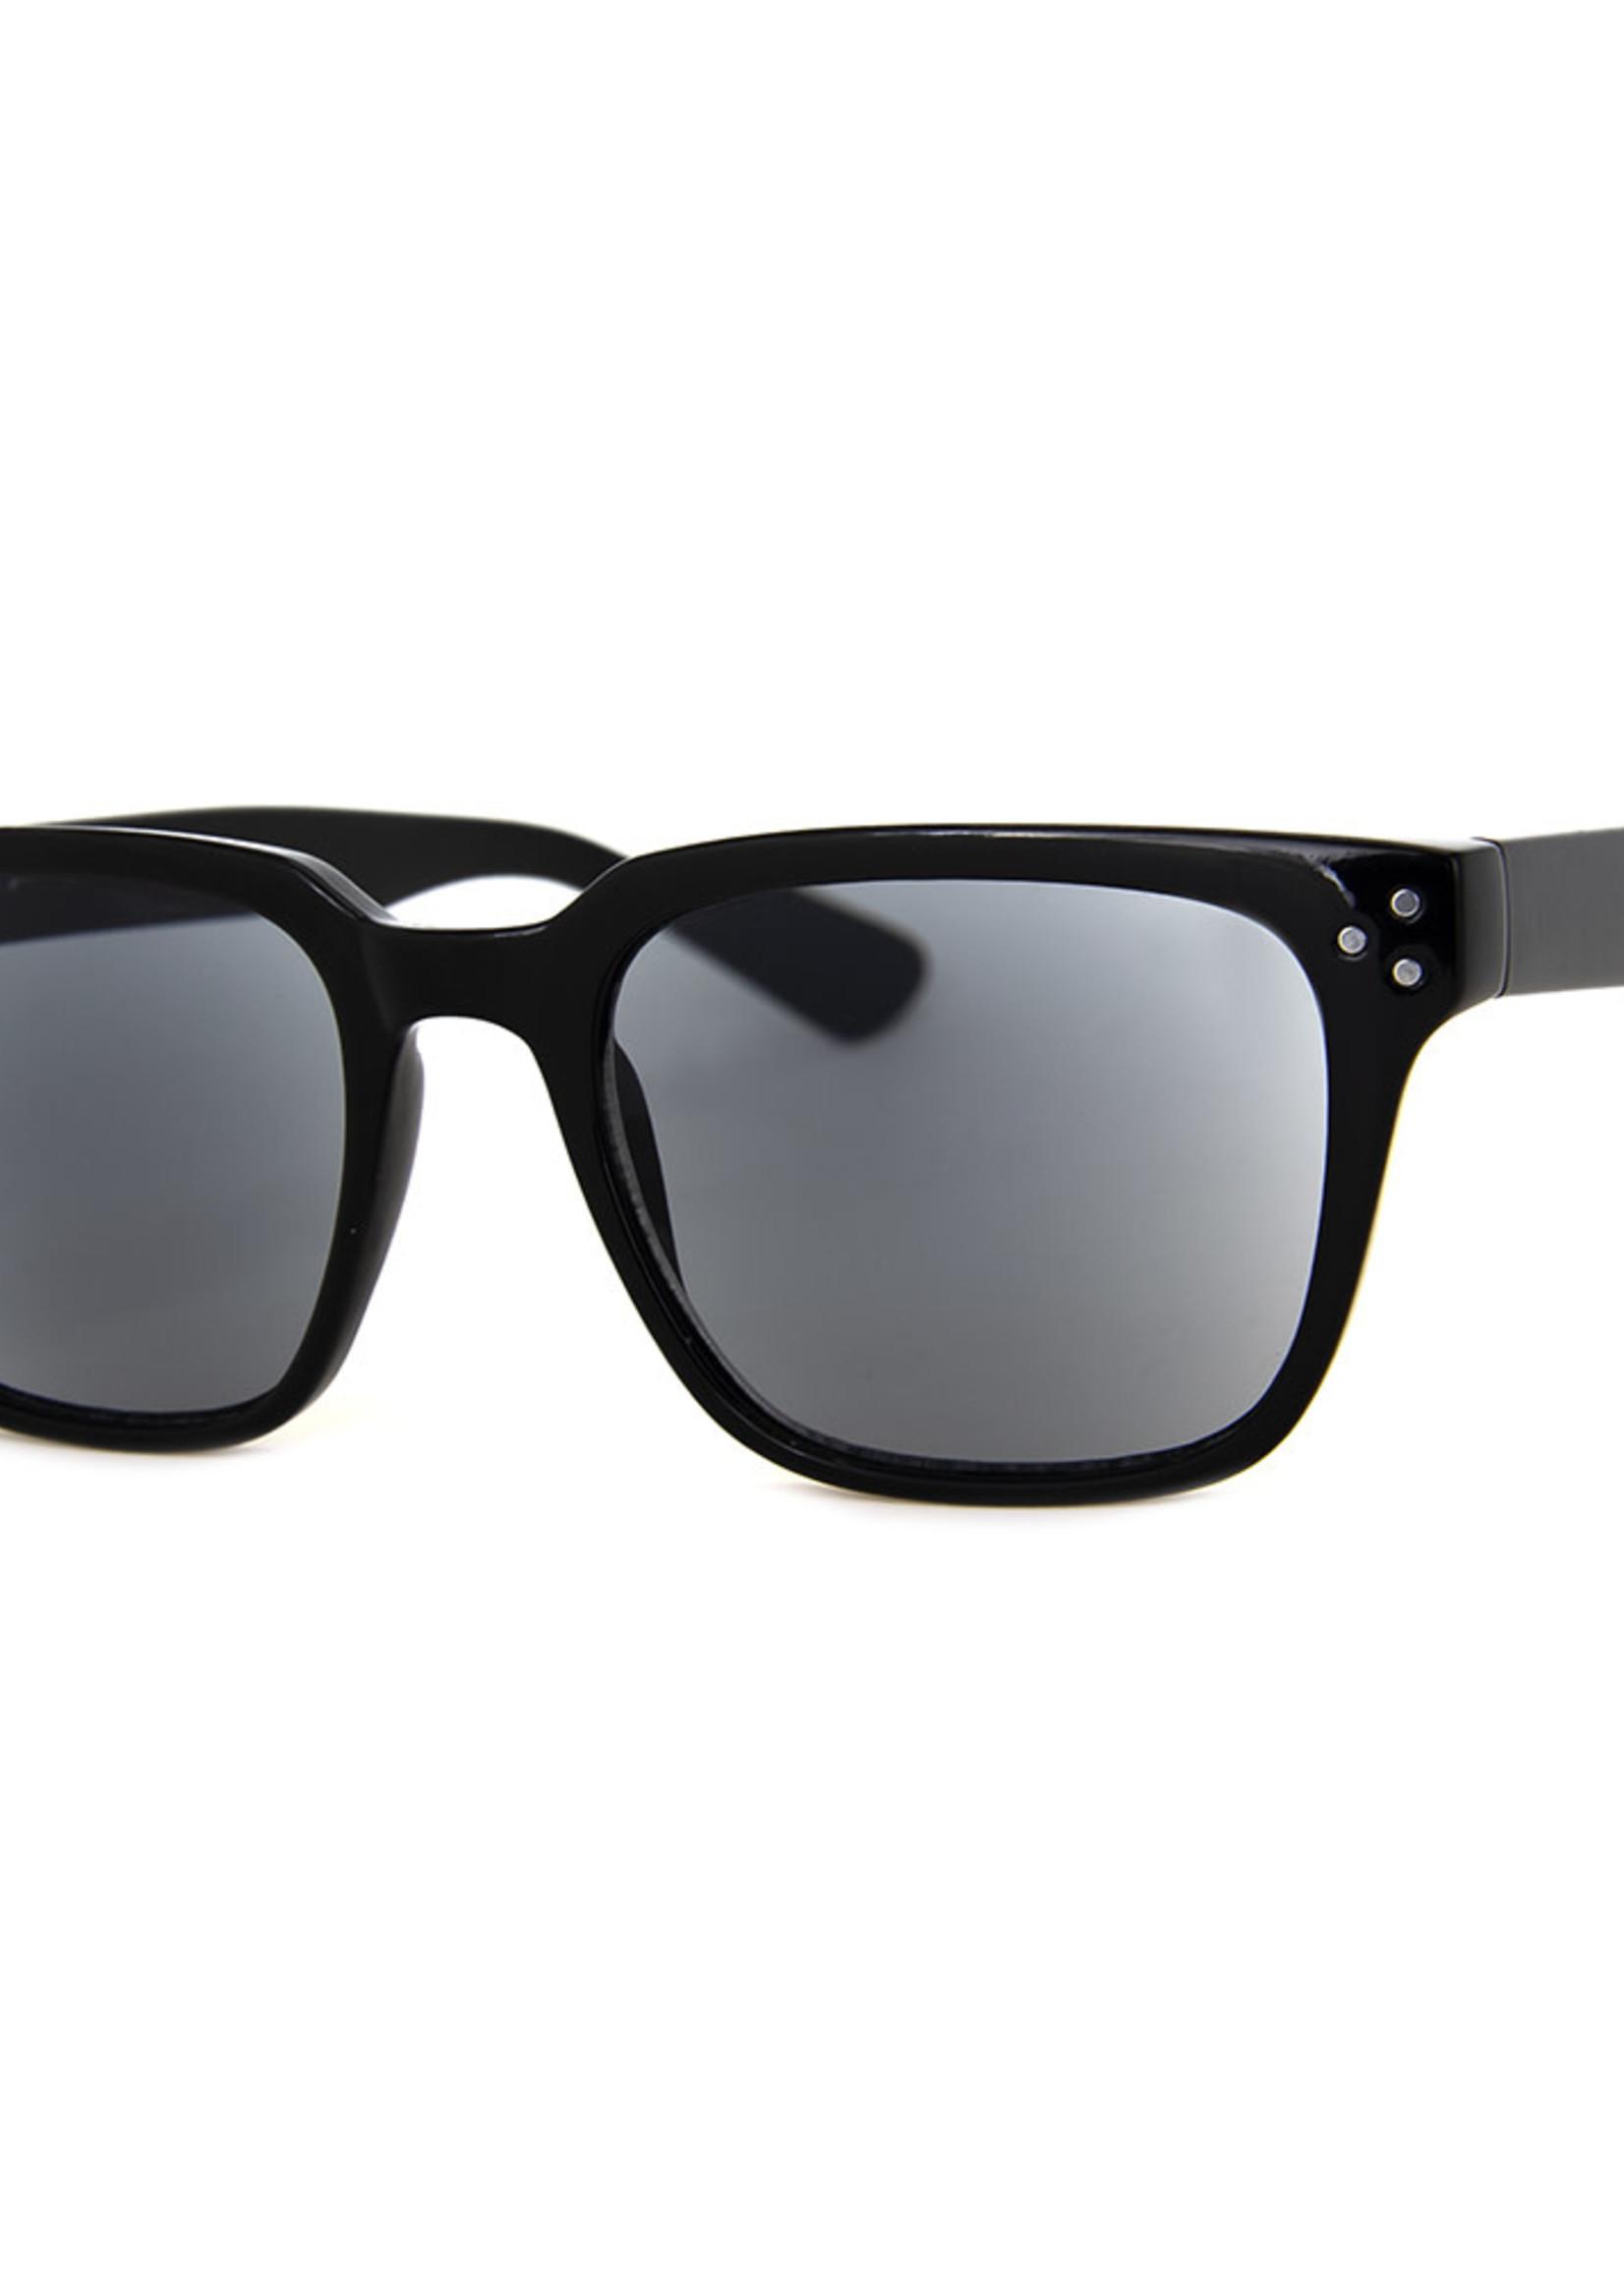 A.J. Morgan Reader Sunglasses Reclassified